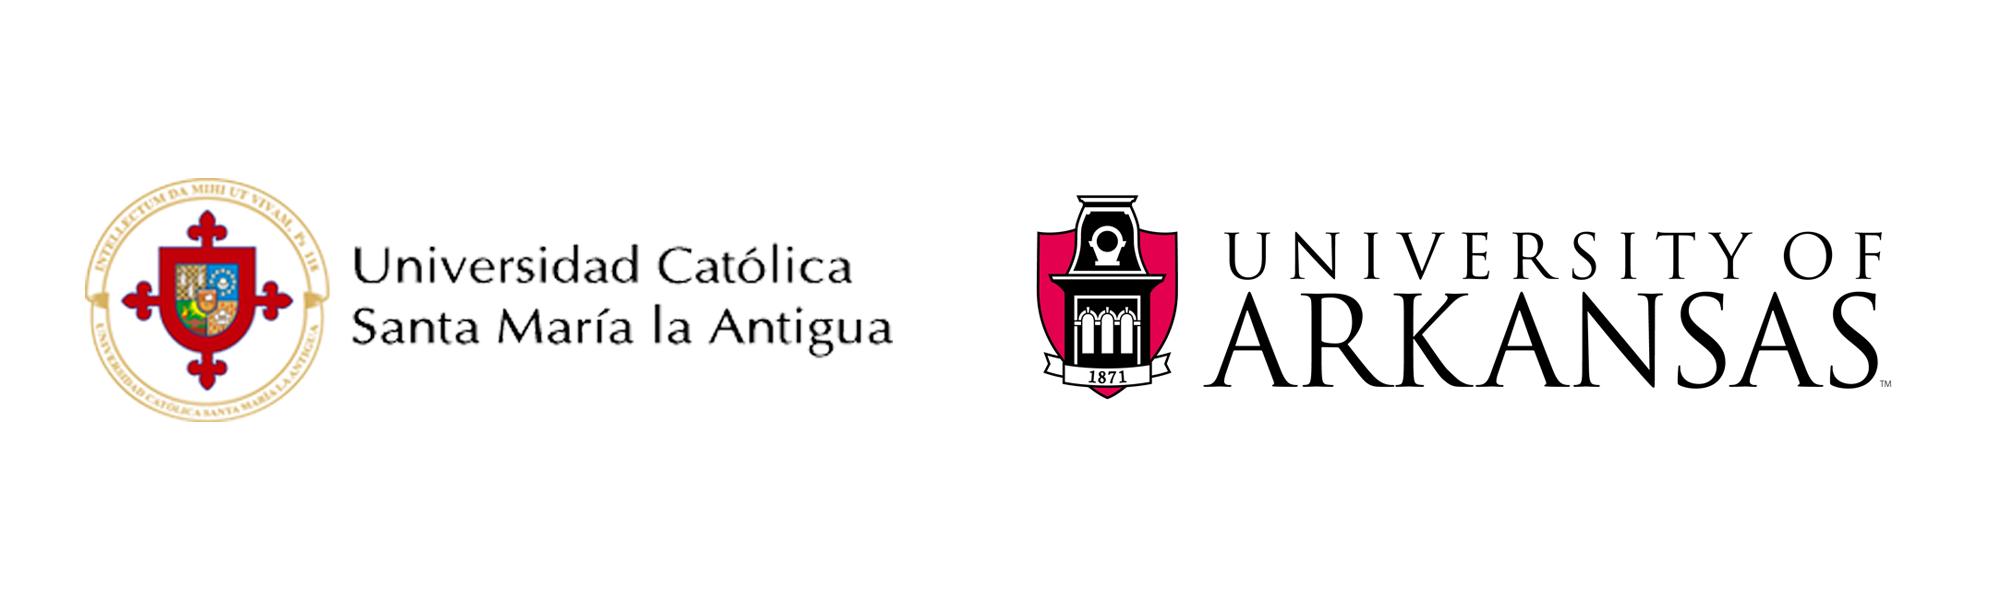 Universidad Santa María la Antigua, Panama.